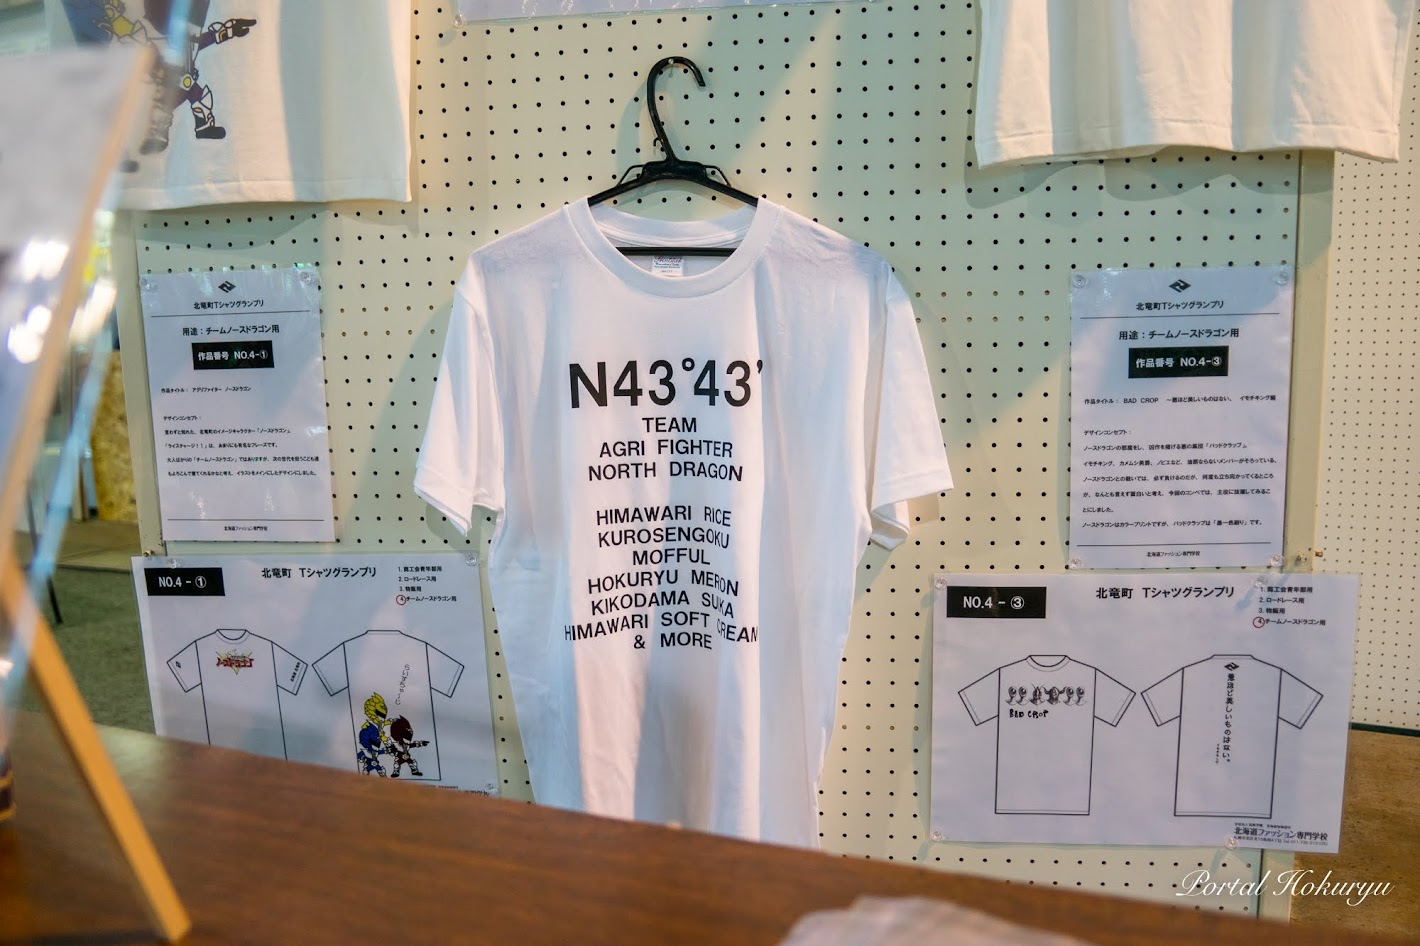 物販用 2.N43°43′